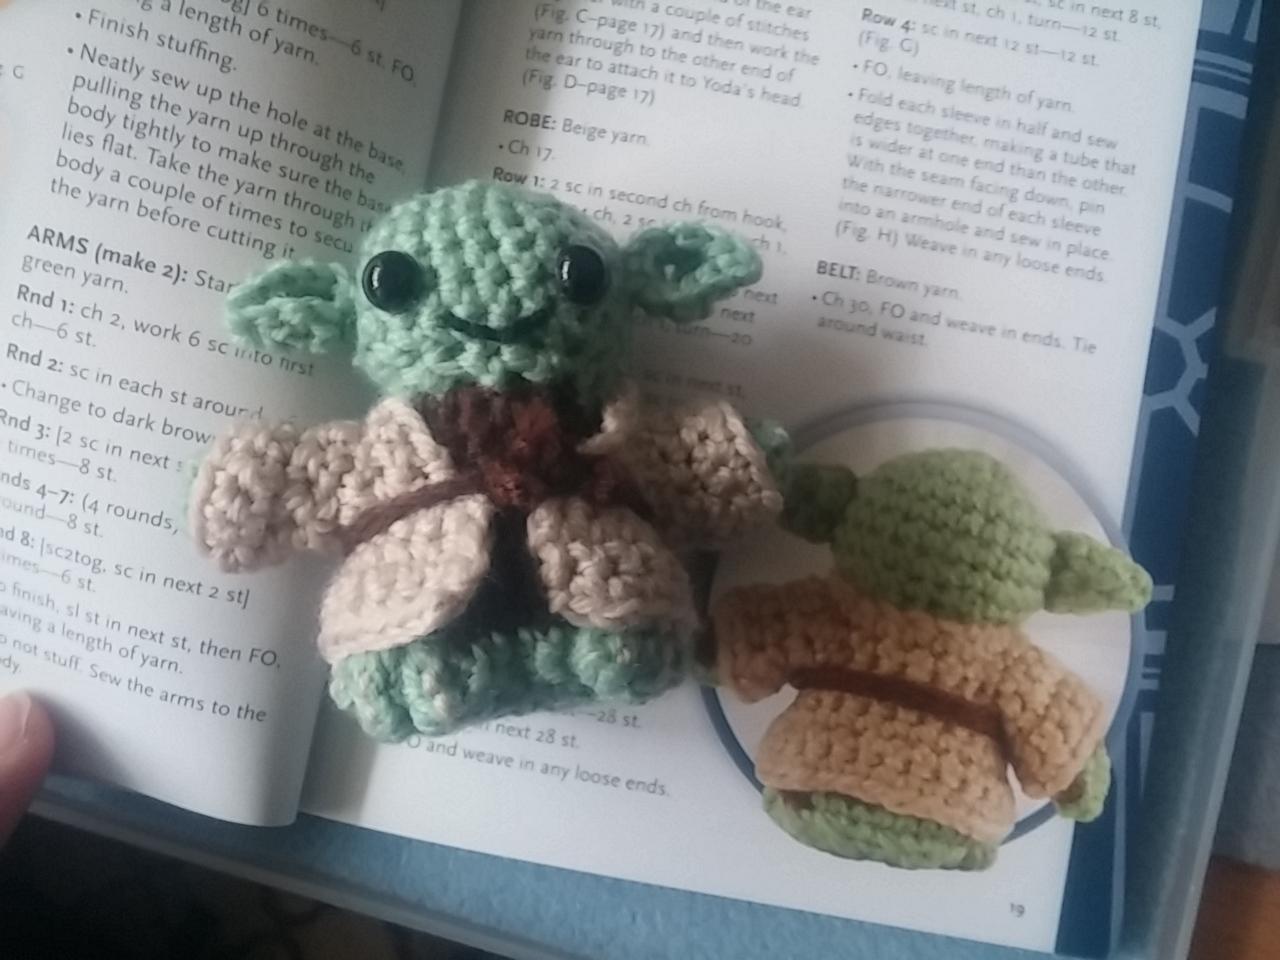 Rezension Zum Häkelbuch Star Wars Crochet Von Lucy Collin Jedi